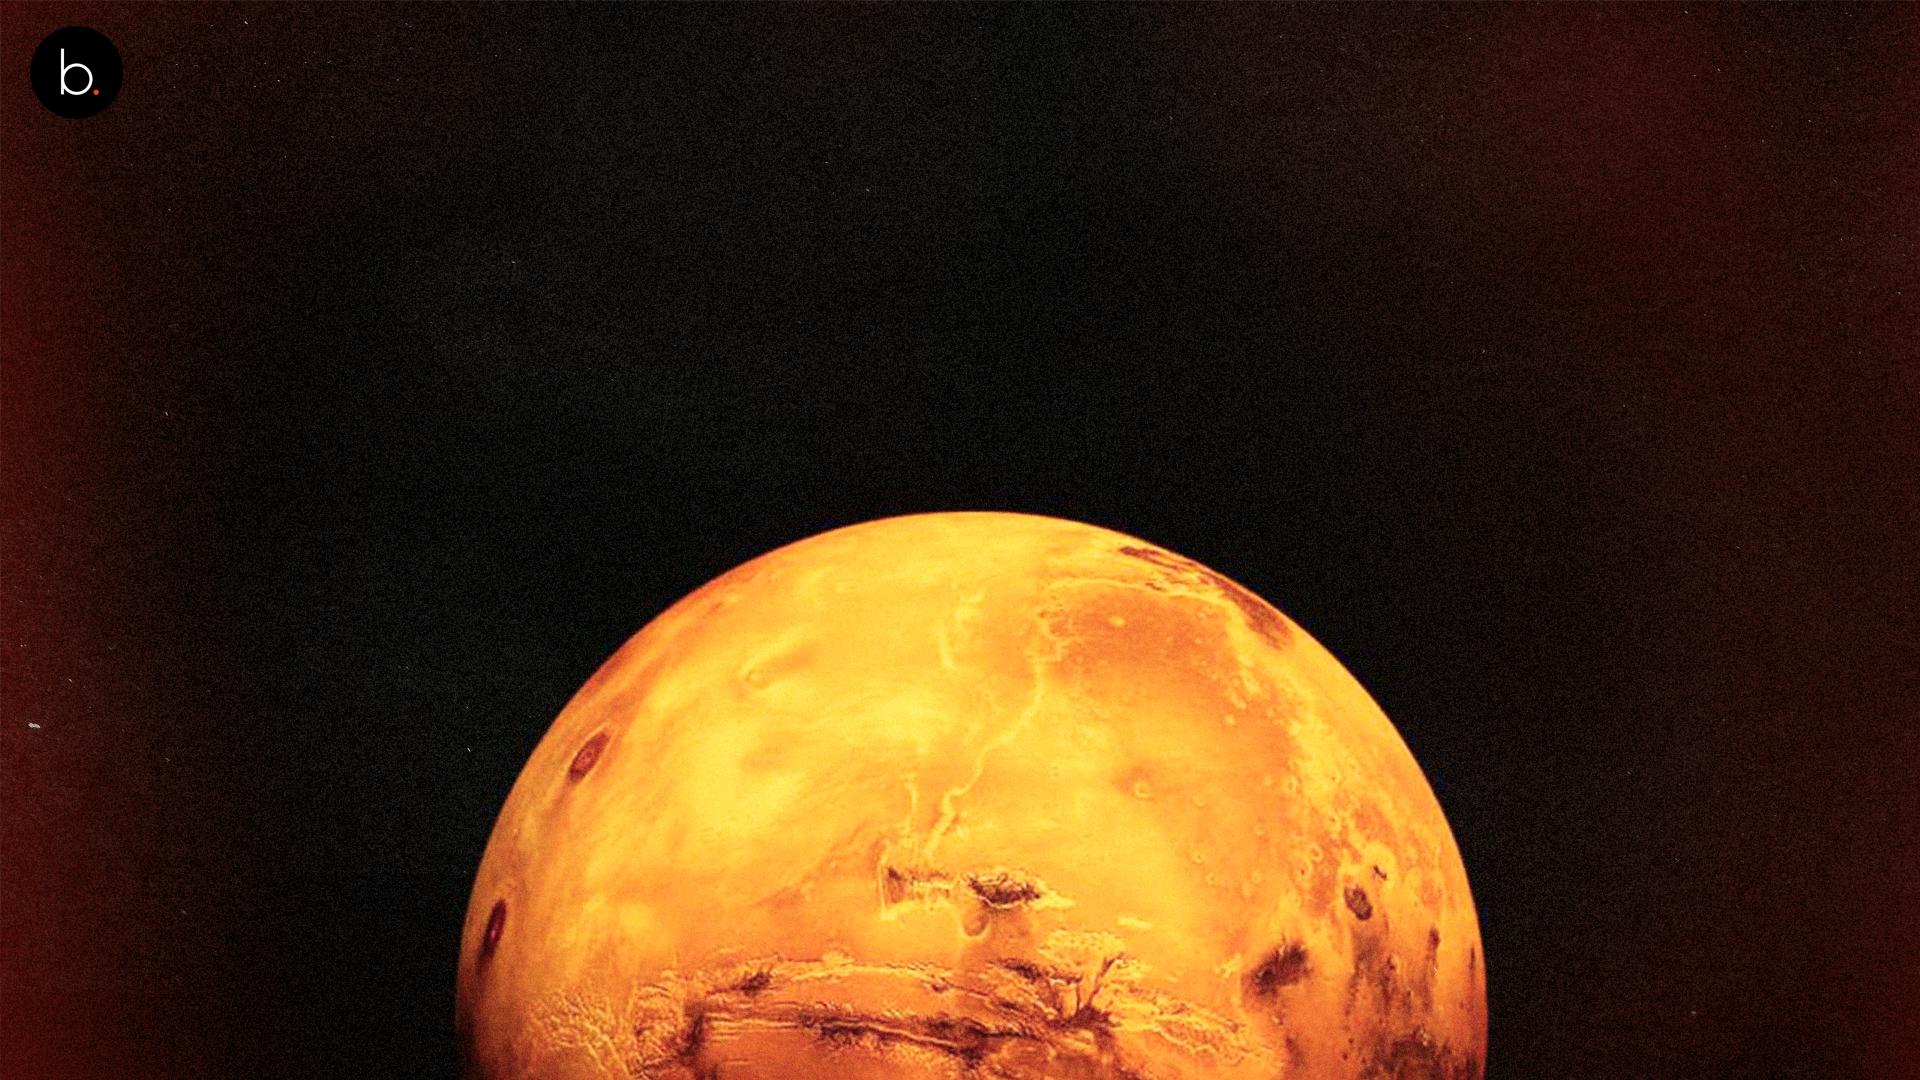 Una sonda encuentra agua en estado líquido bajo la superficie de Marte